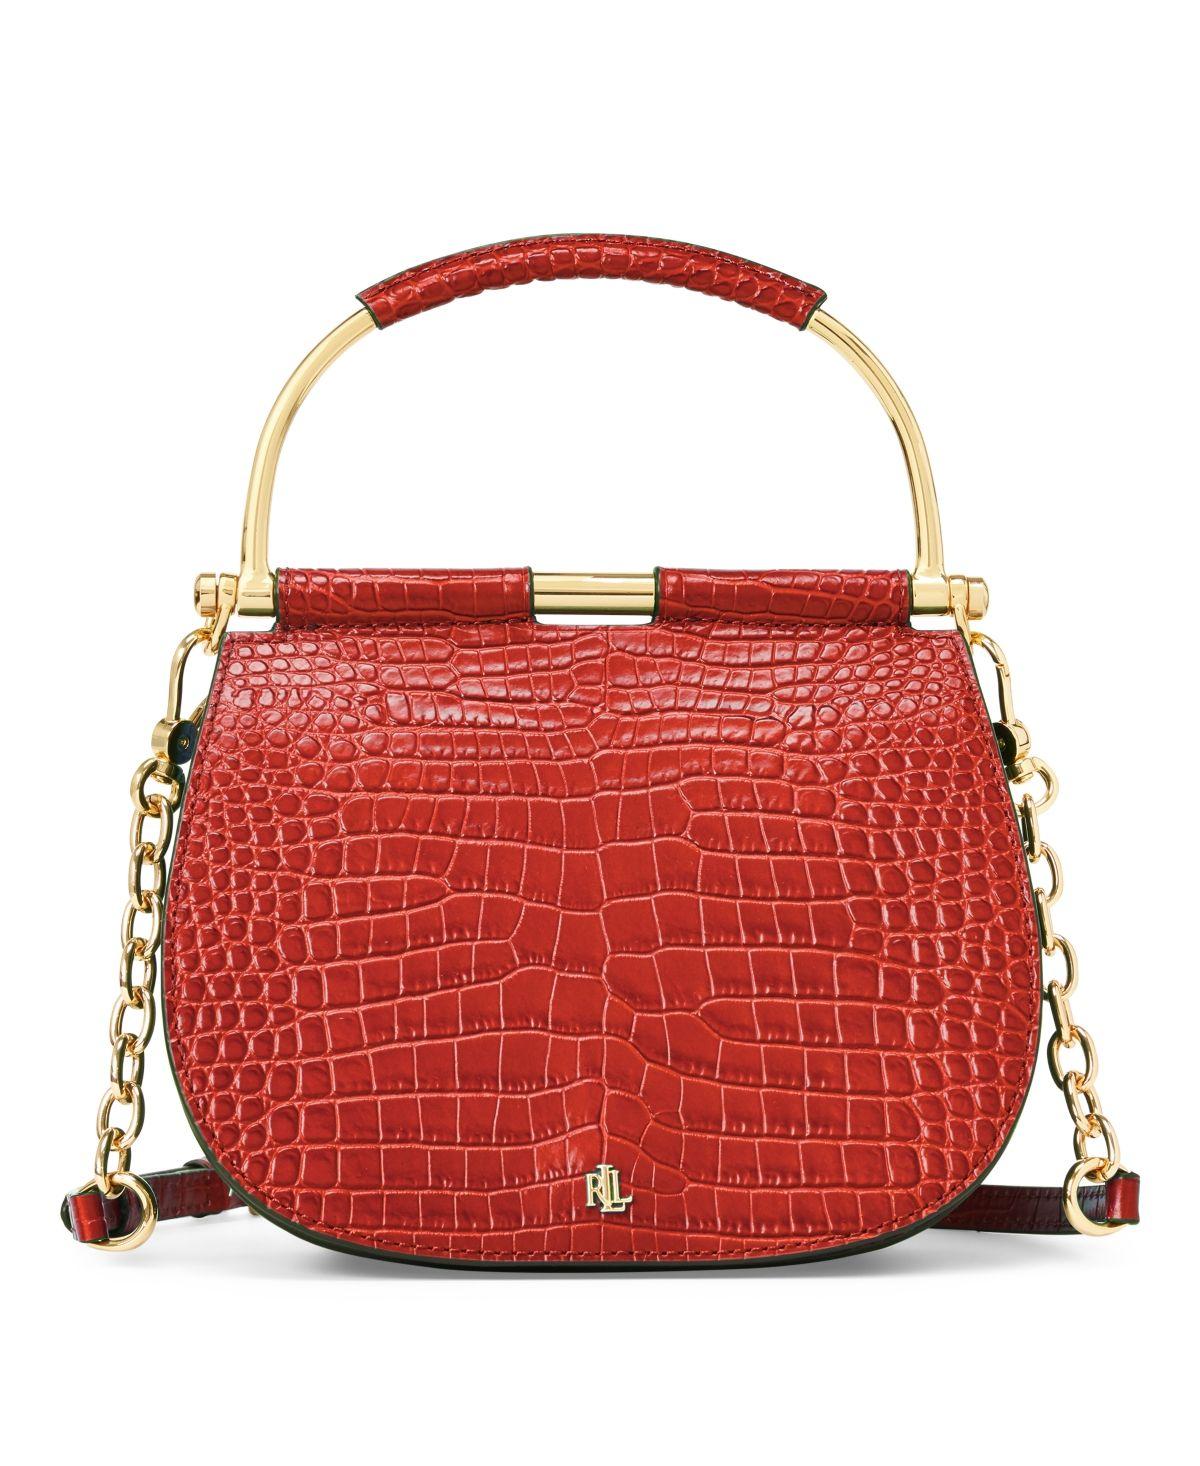 Lauren ralph lauren mason crocembossed leather satchel